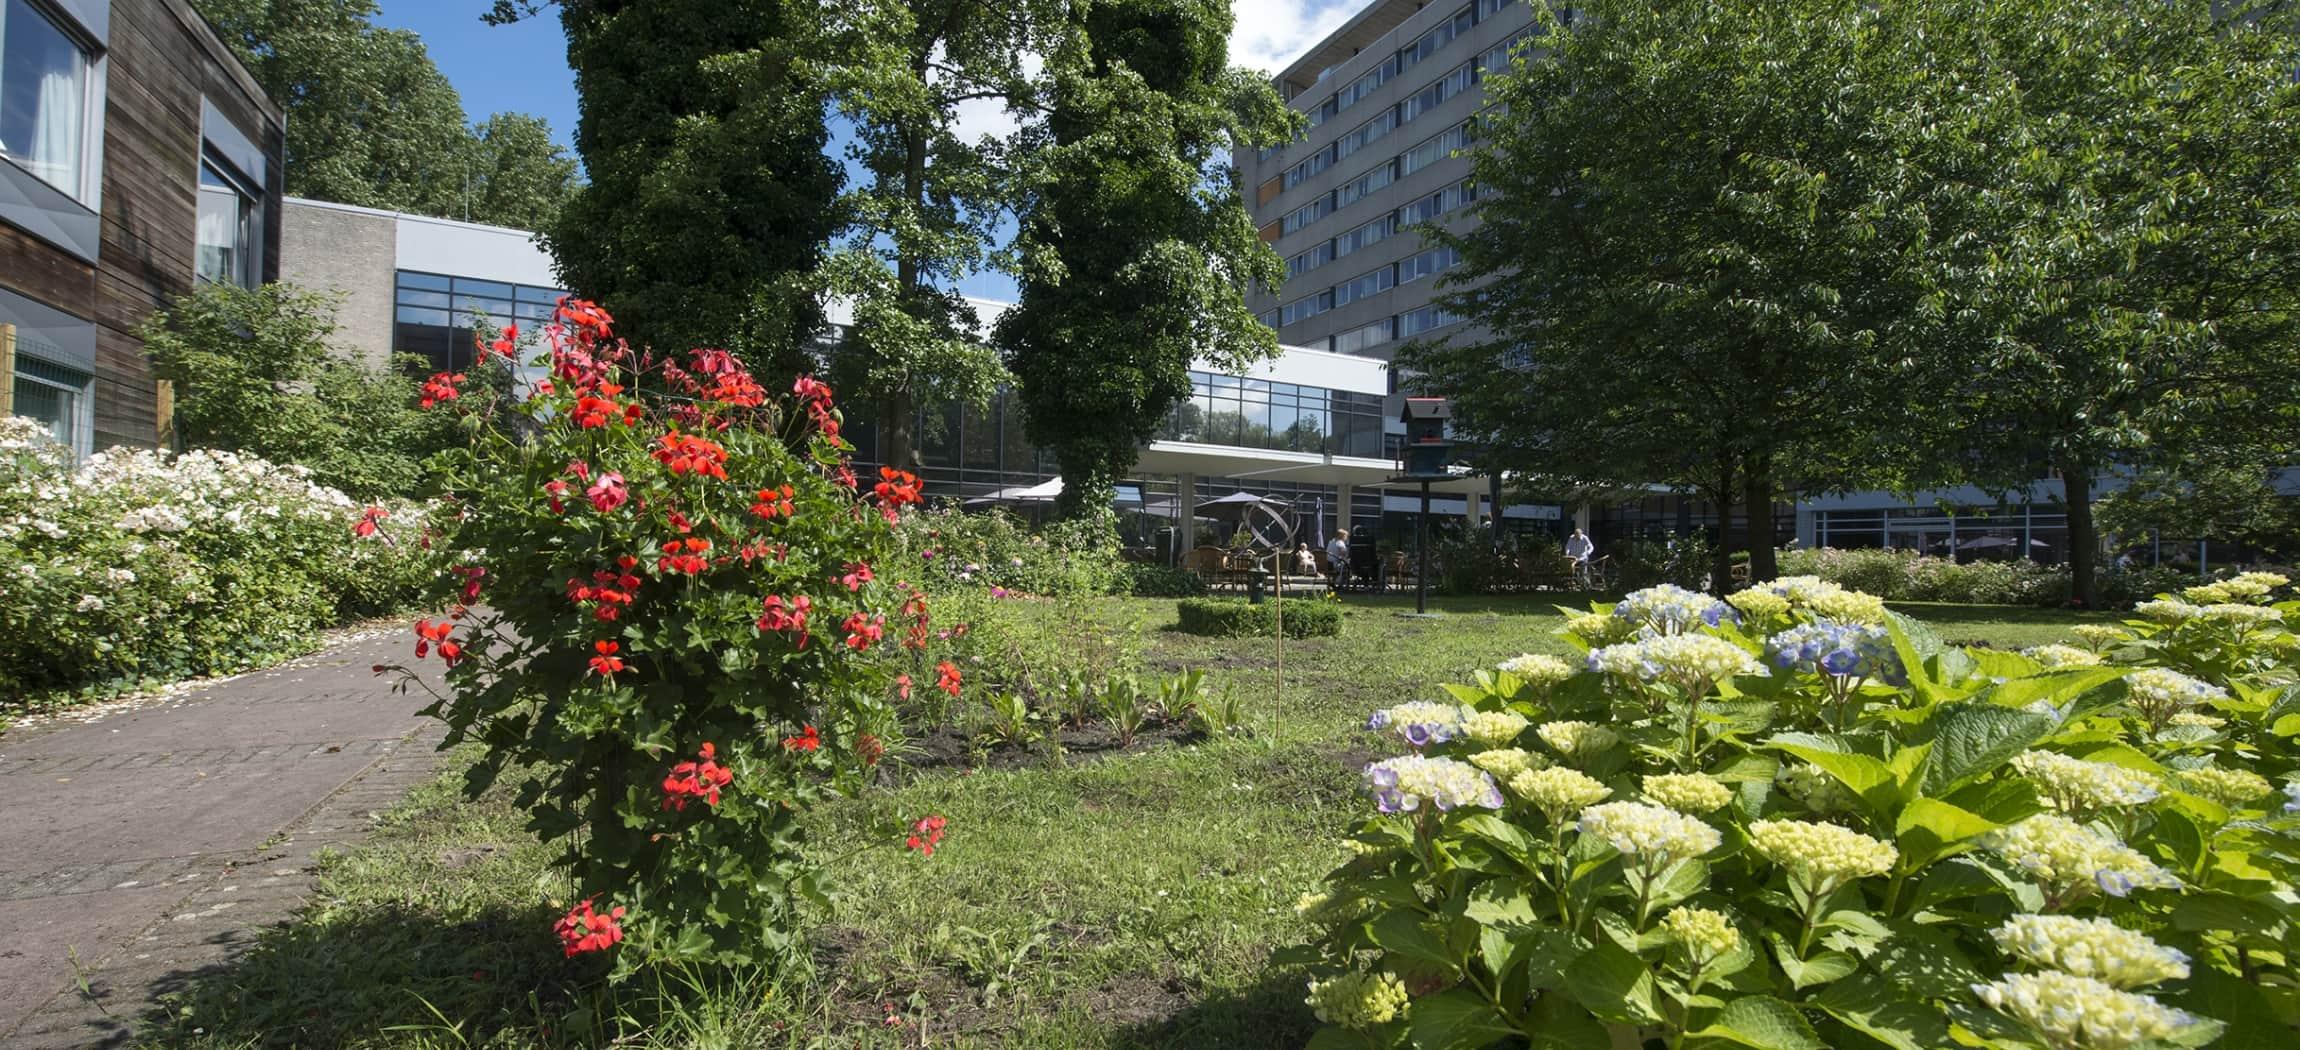 Bloemen en struiken in een binnentuin